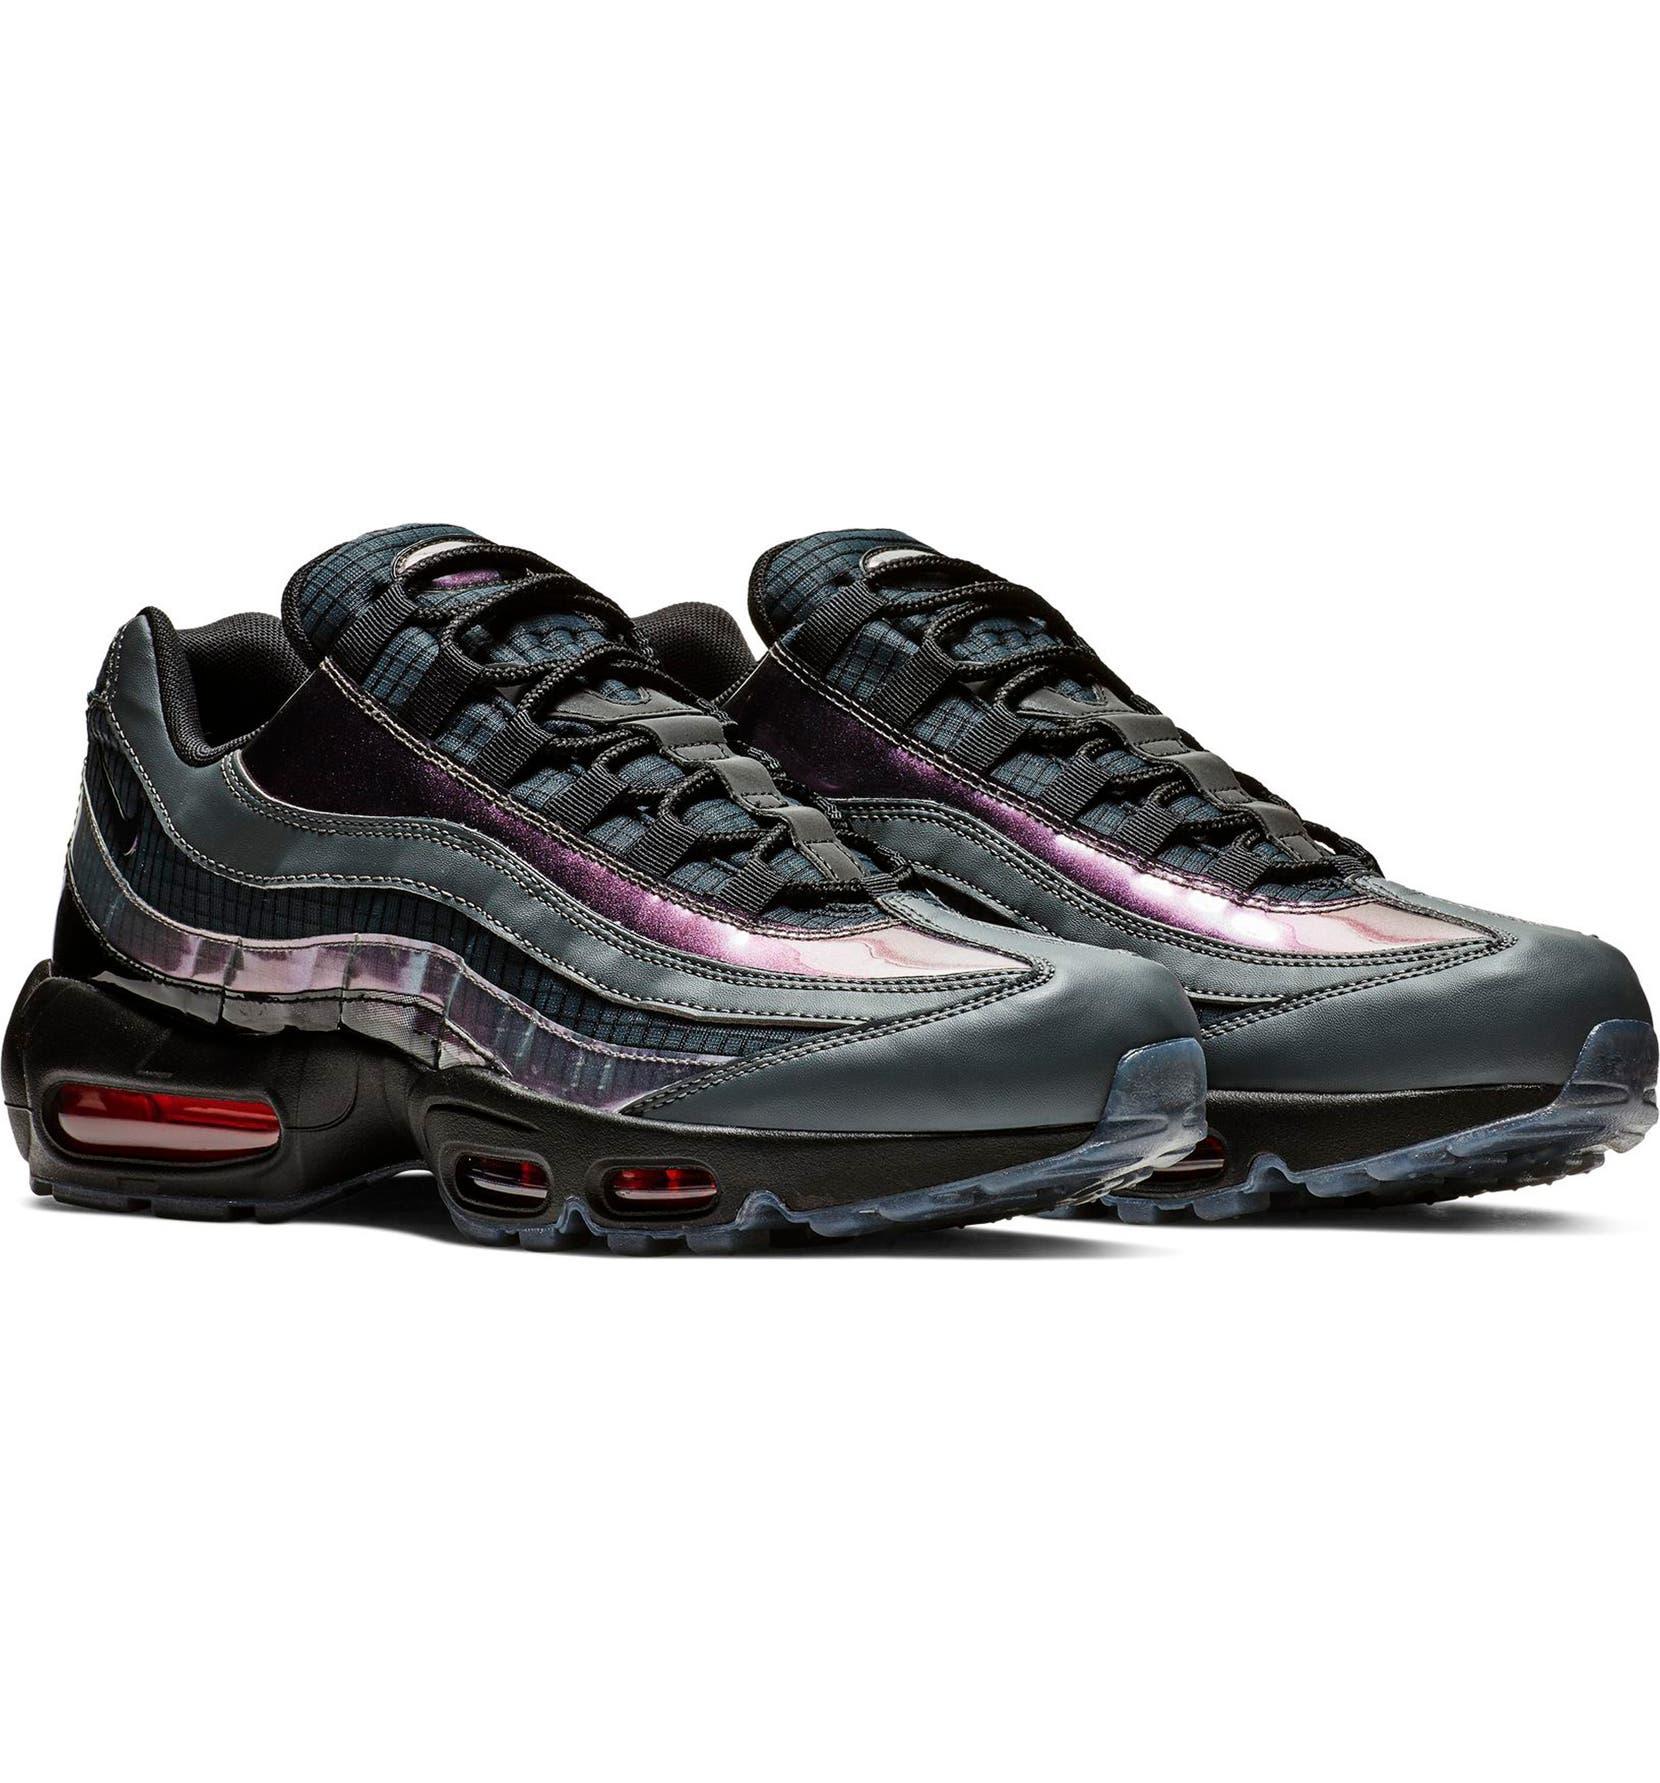 Air Max 95 LV8 Sneaker